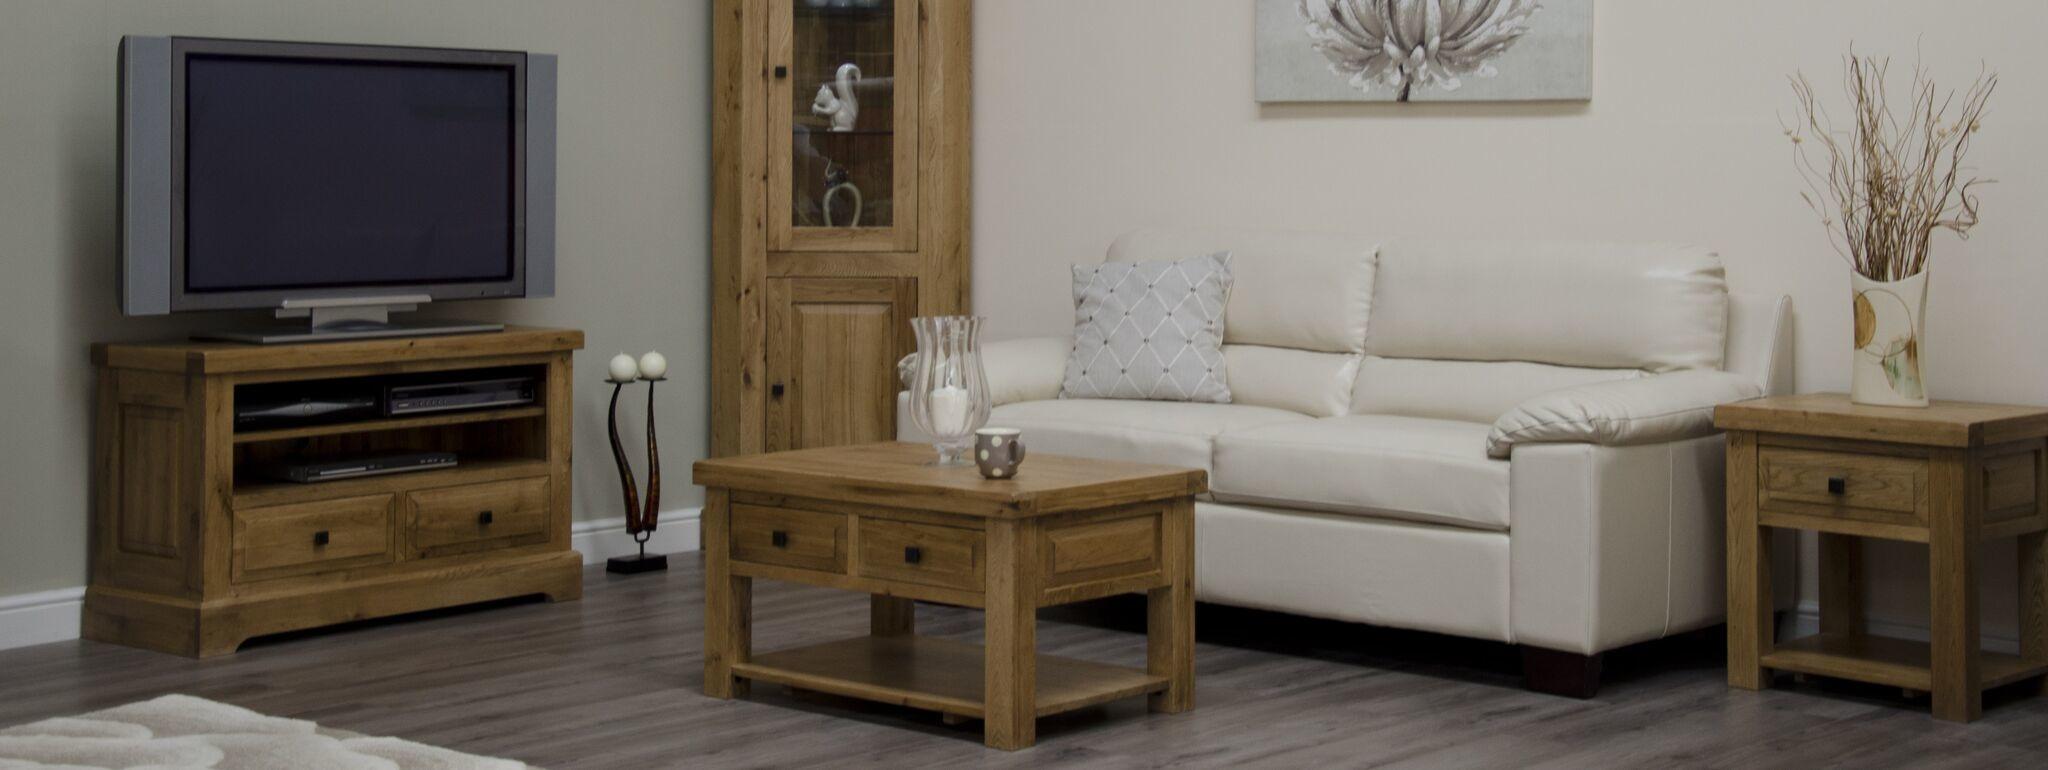 HomestyleGB Deluxe Oak 3 x 2 Coffee Table